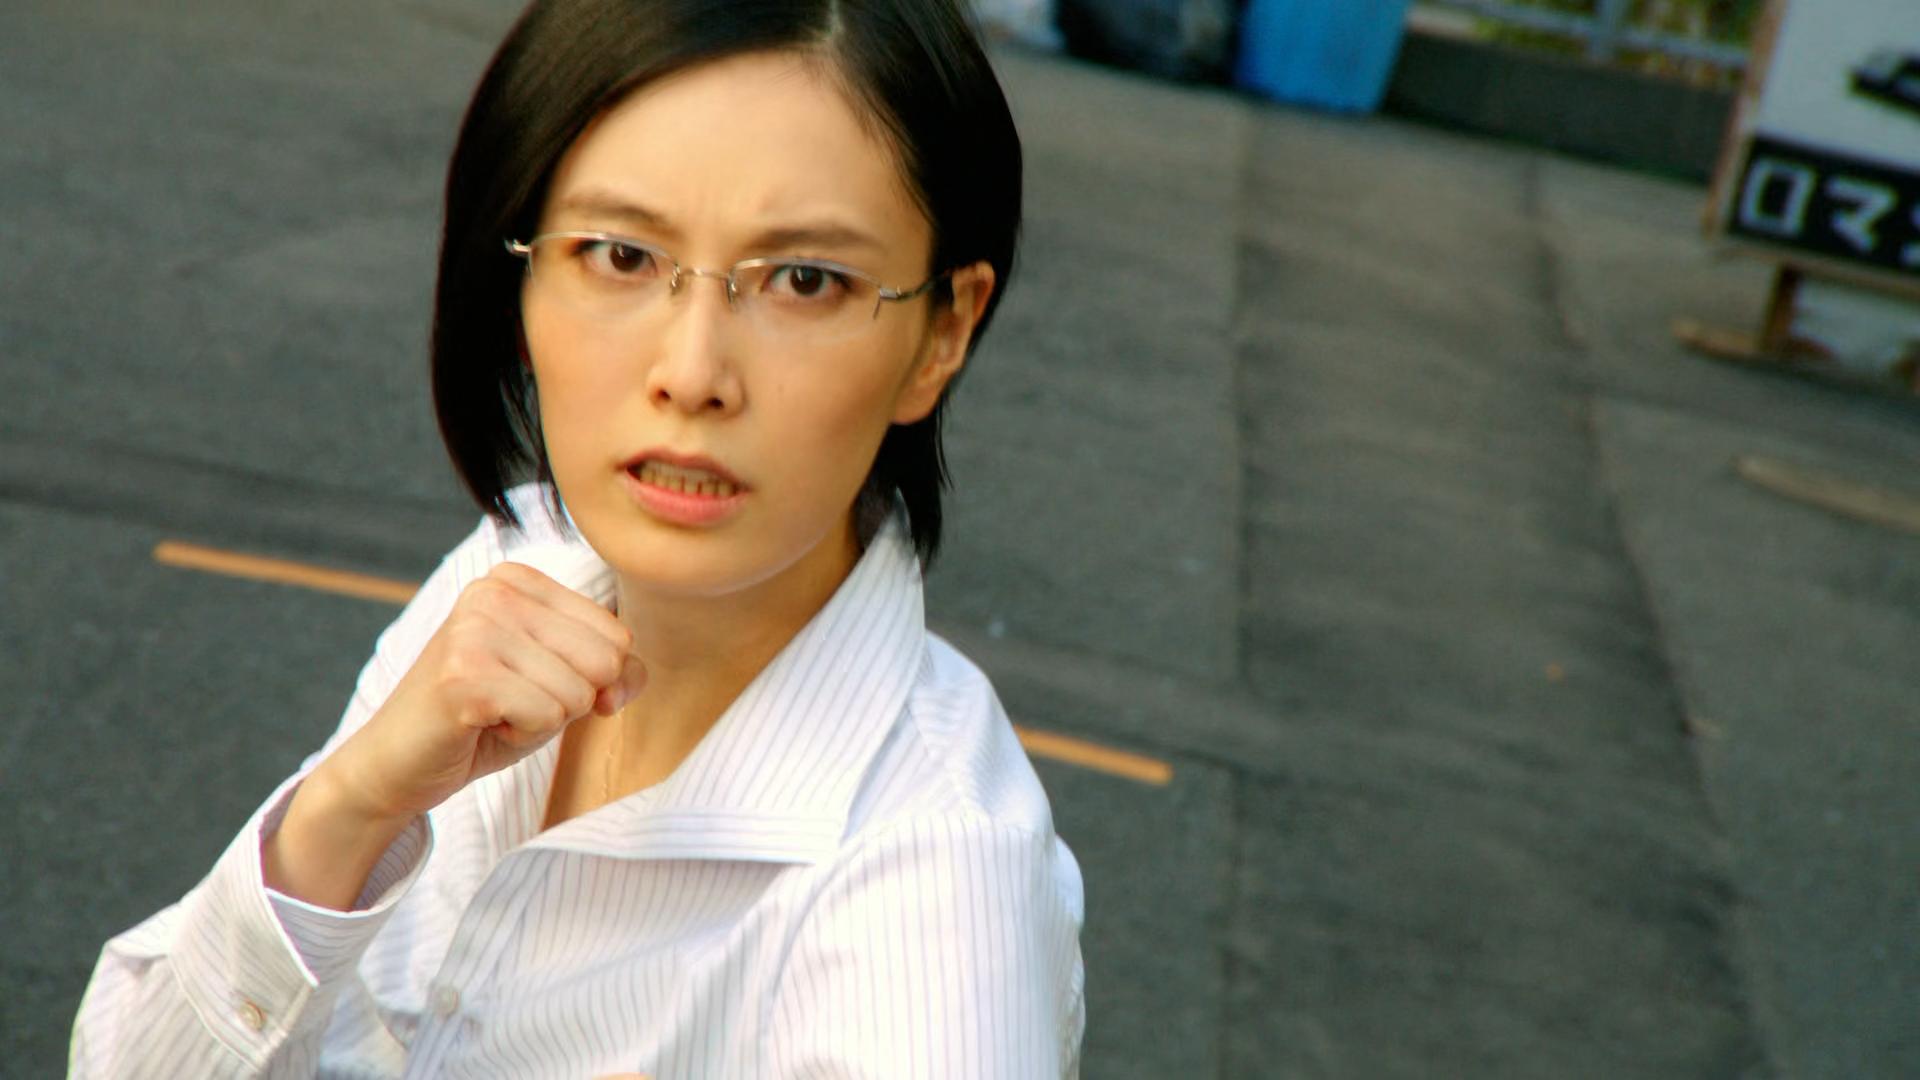 Haruka Utsugi